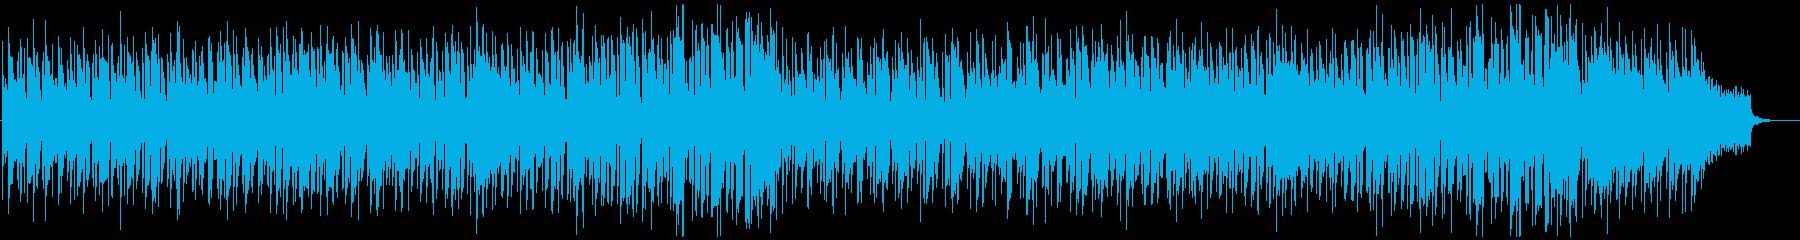 落ち着いた雰囲気の日常用BGMの再生済みの波形